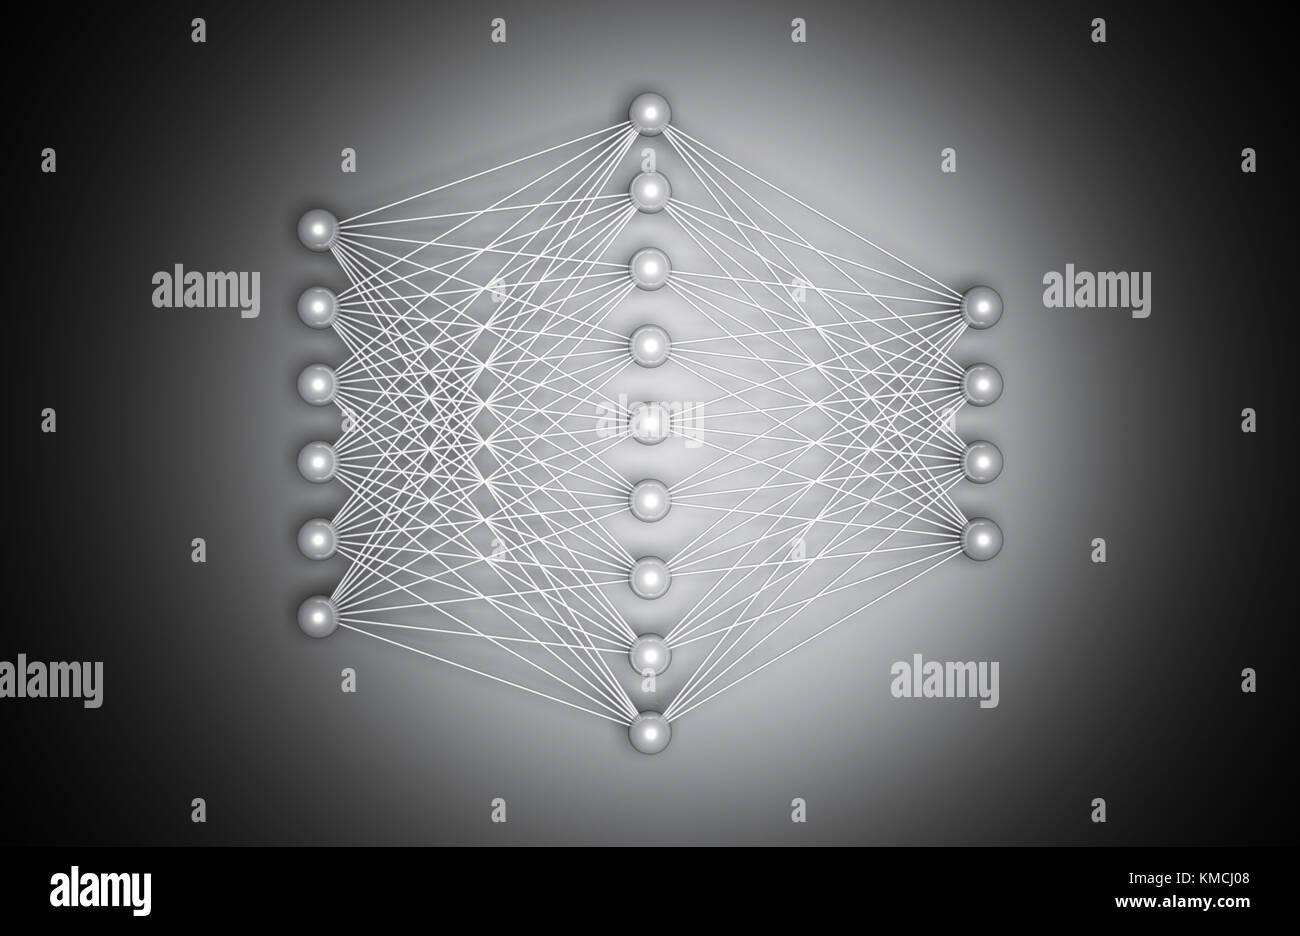 Schematic Machine Stockfotos & Schematic Machine Bilder - Seite 2 ...